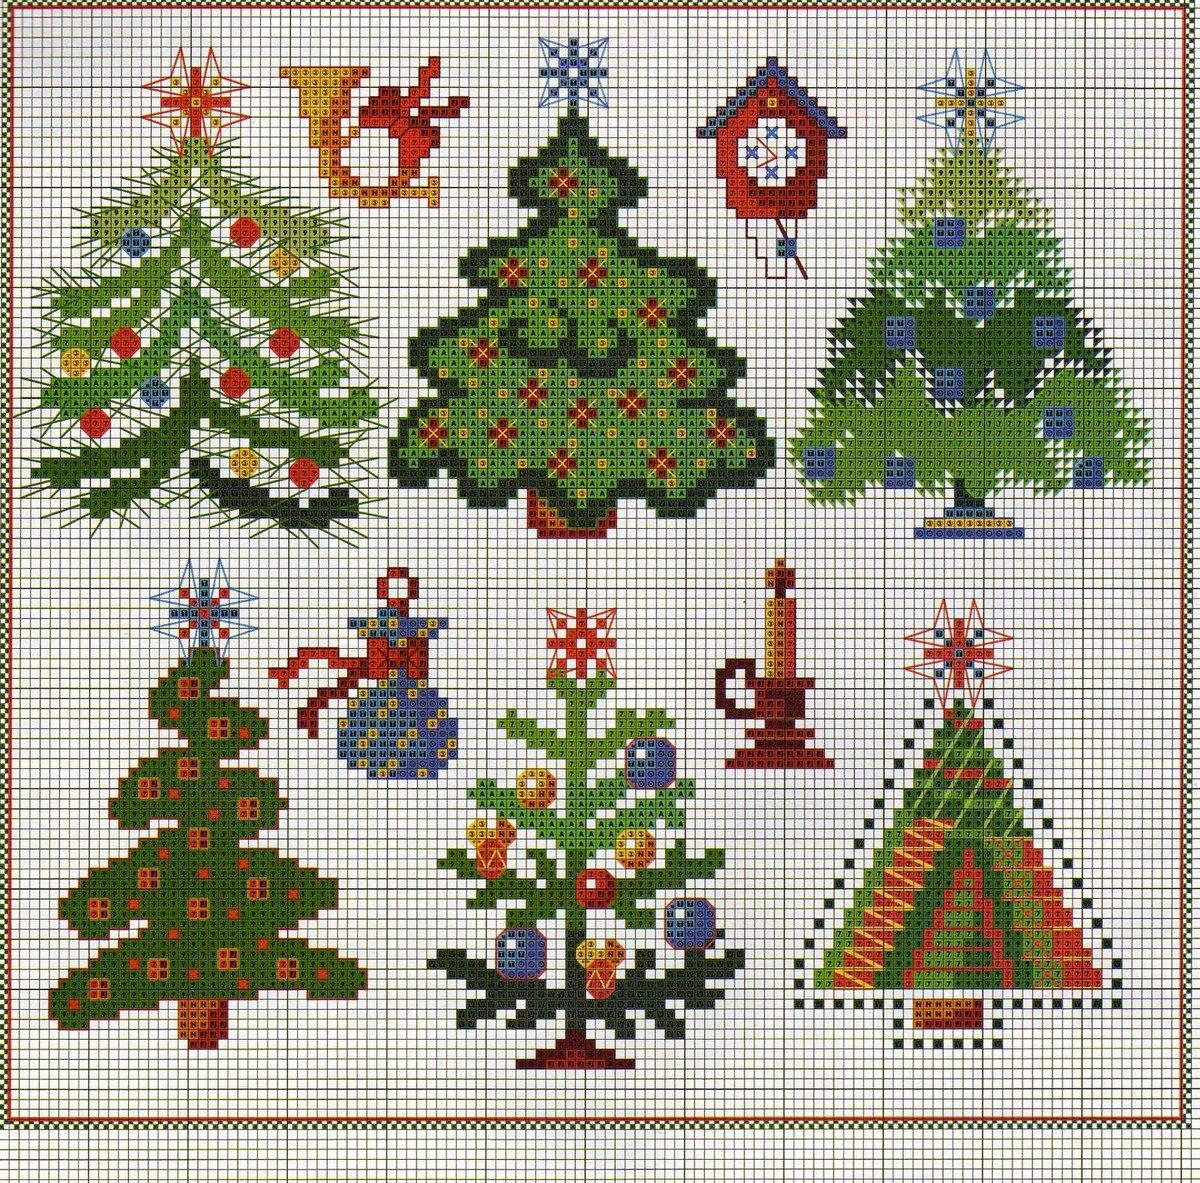 Вышивка крестом новогодних открыток и схема к ним